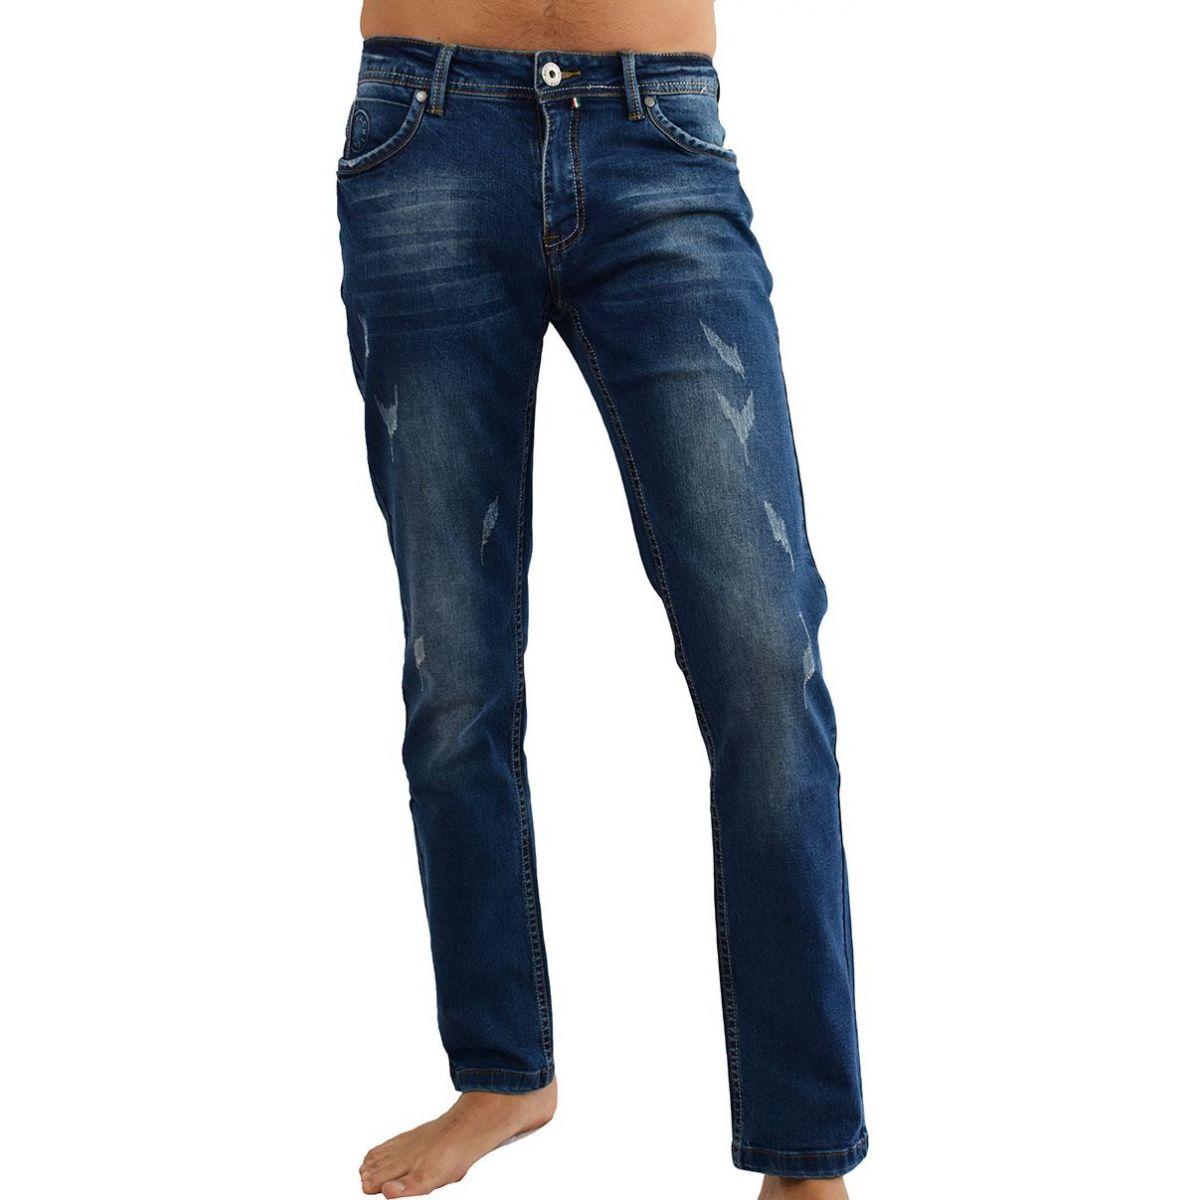 jeans homme fashion bleu fonc. Black Bedroom Furniture Sets. Home Design Ideas